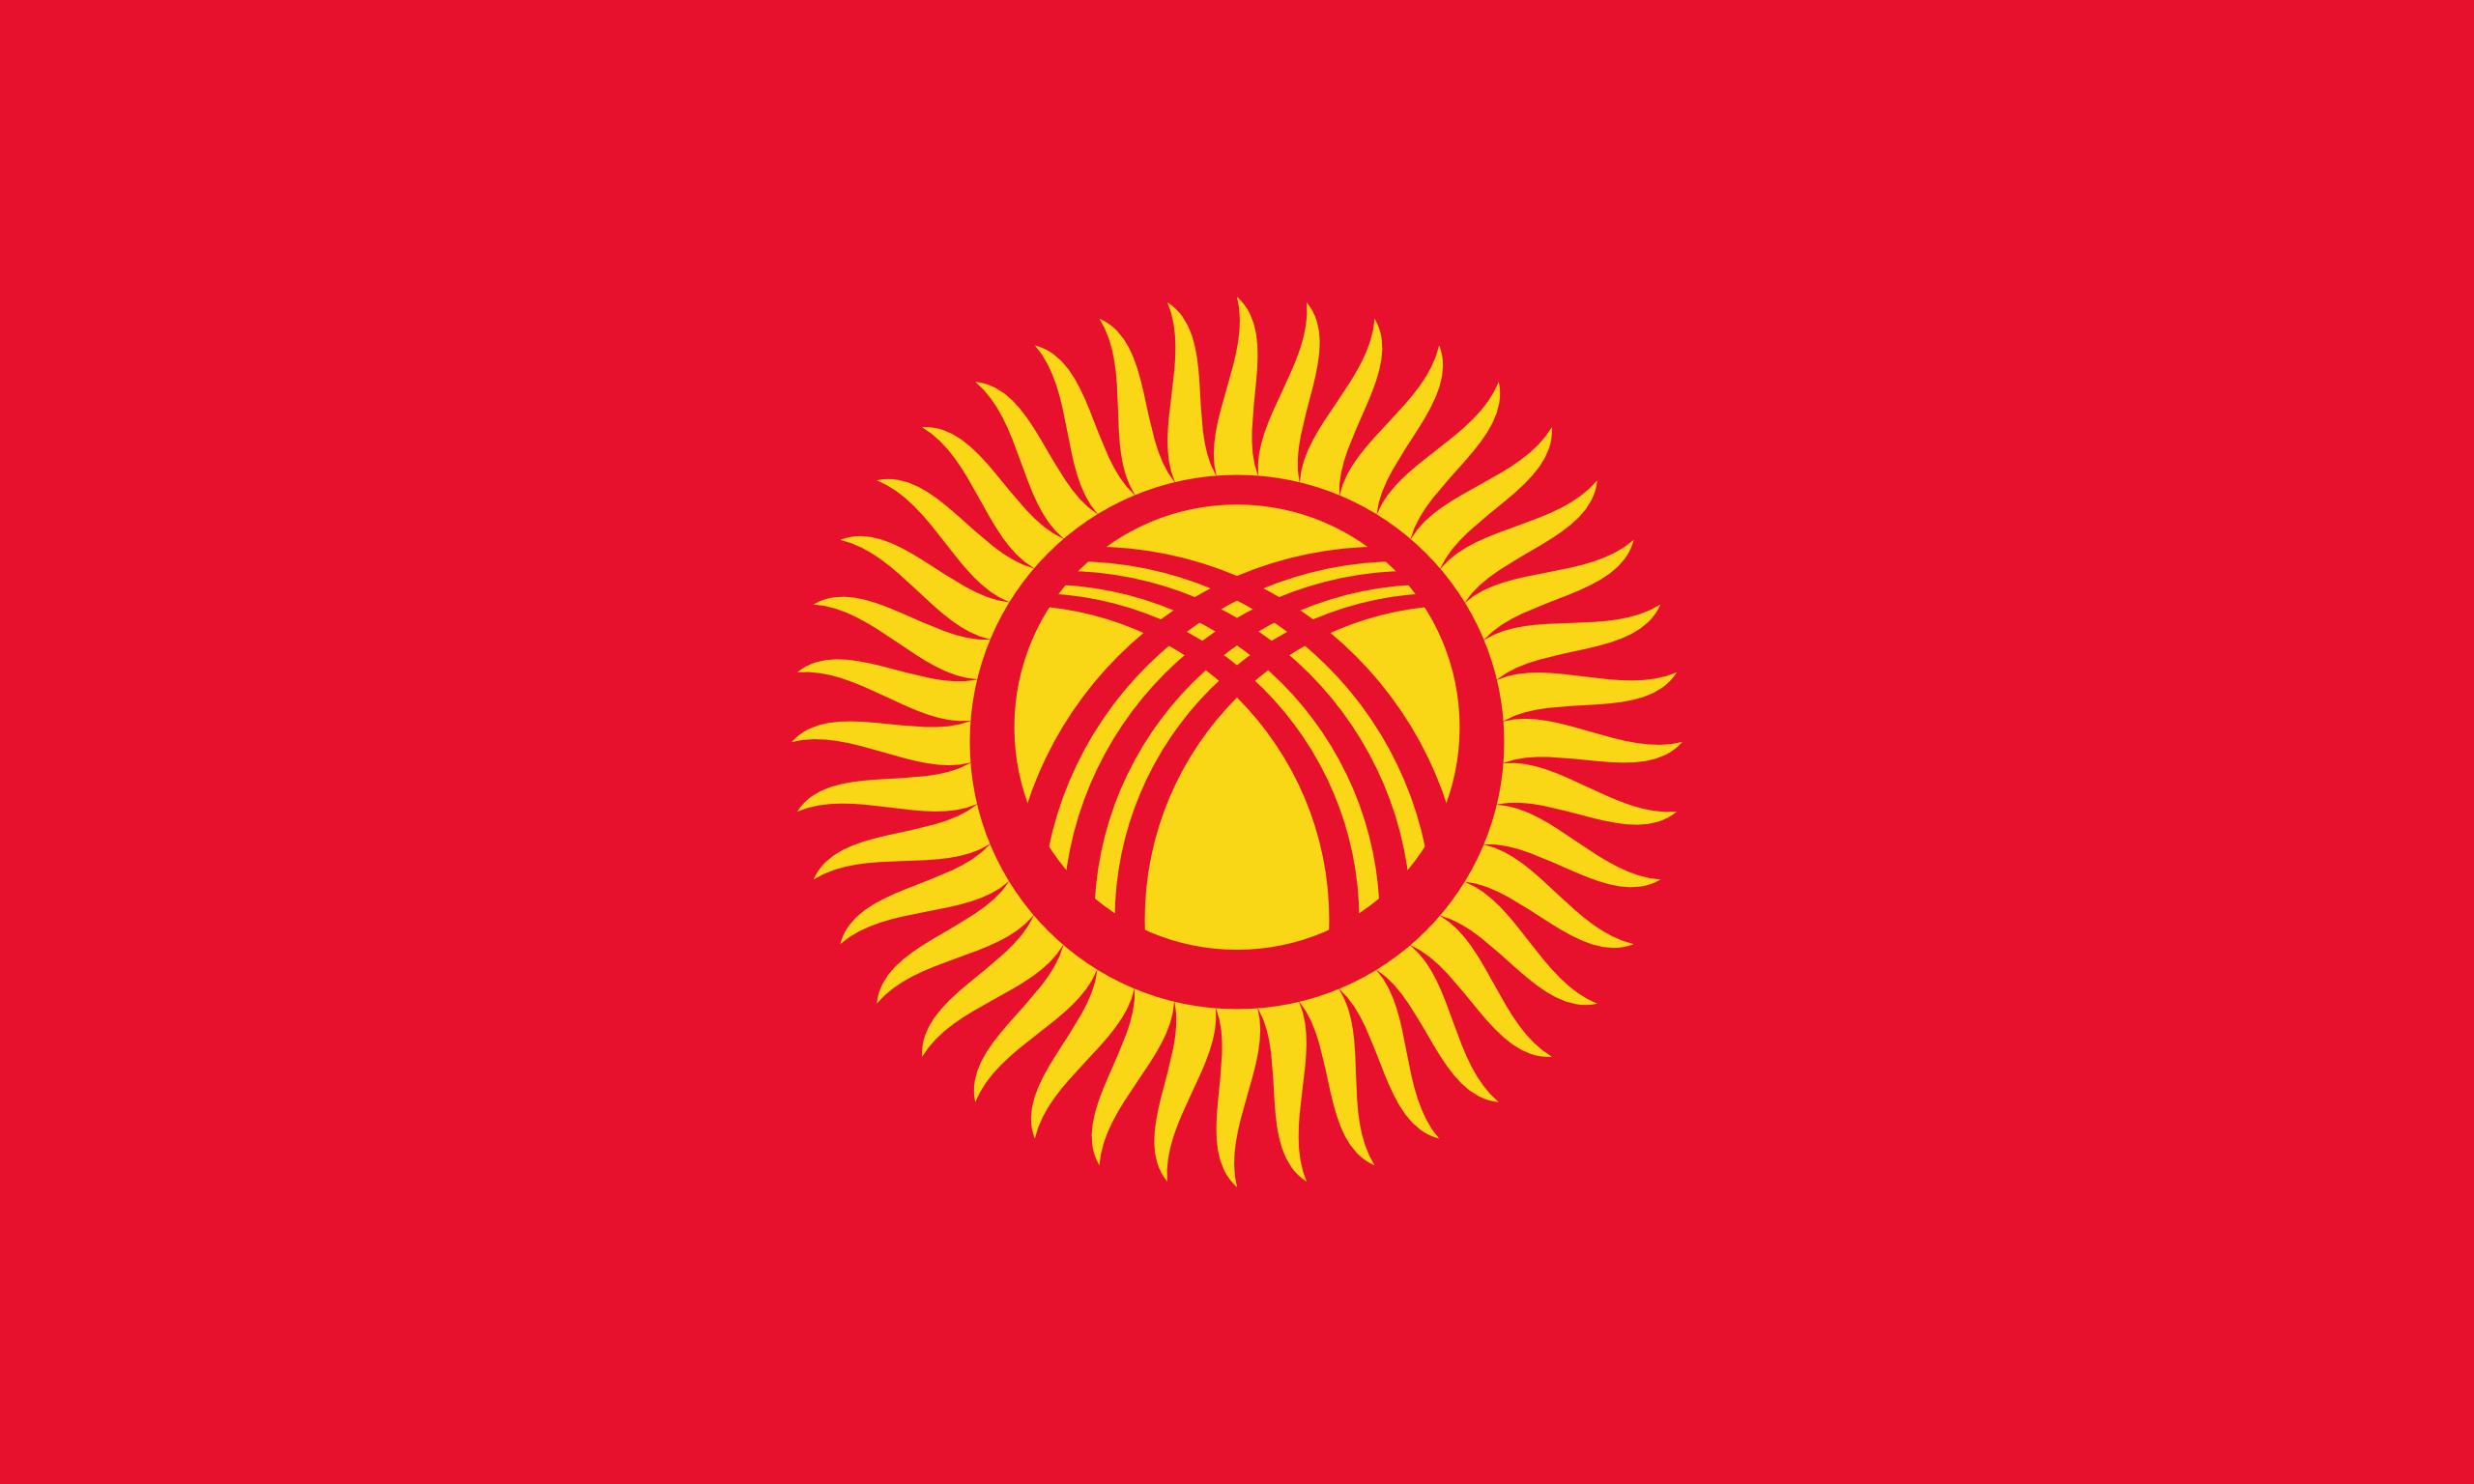 吉尔吉斯斯坦, 国家, 会徽, 徽标, 符号 - 高清壁纸 - 教授-falken.com